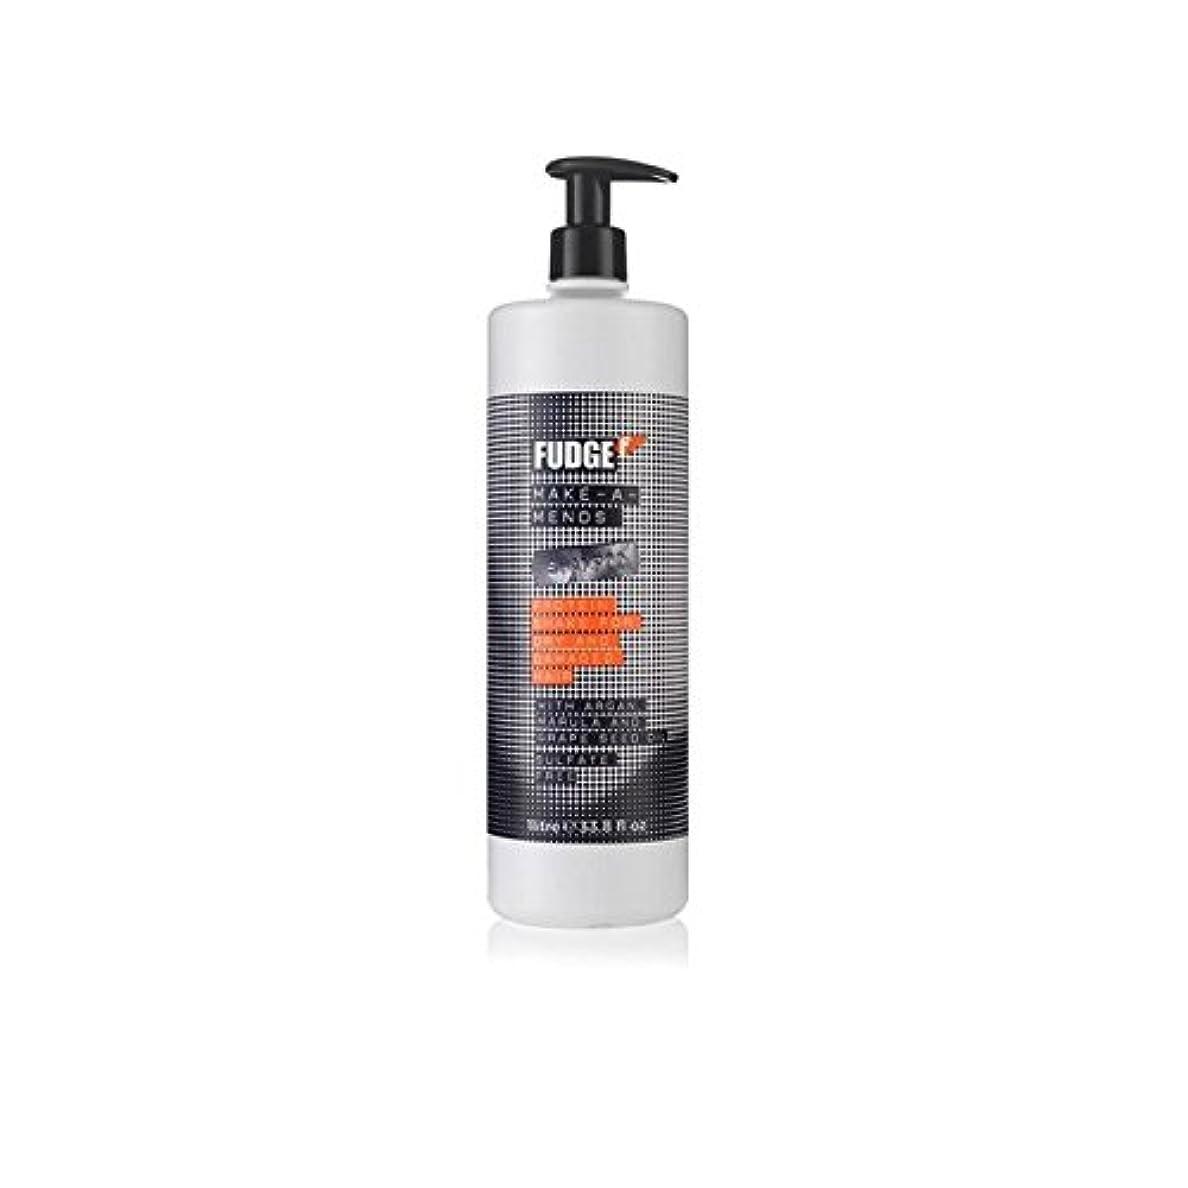 ファッション欠席見捨てるFudge Make-A-Mends Shampoo (1000ml) - ファッジメイク-シャンプー(千ミリリットル) [並行輸入品]